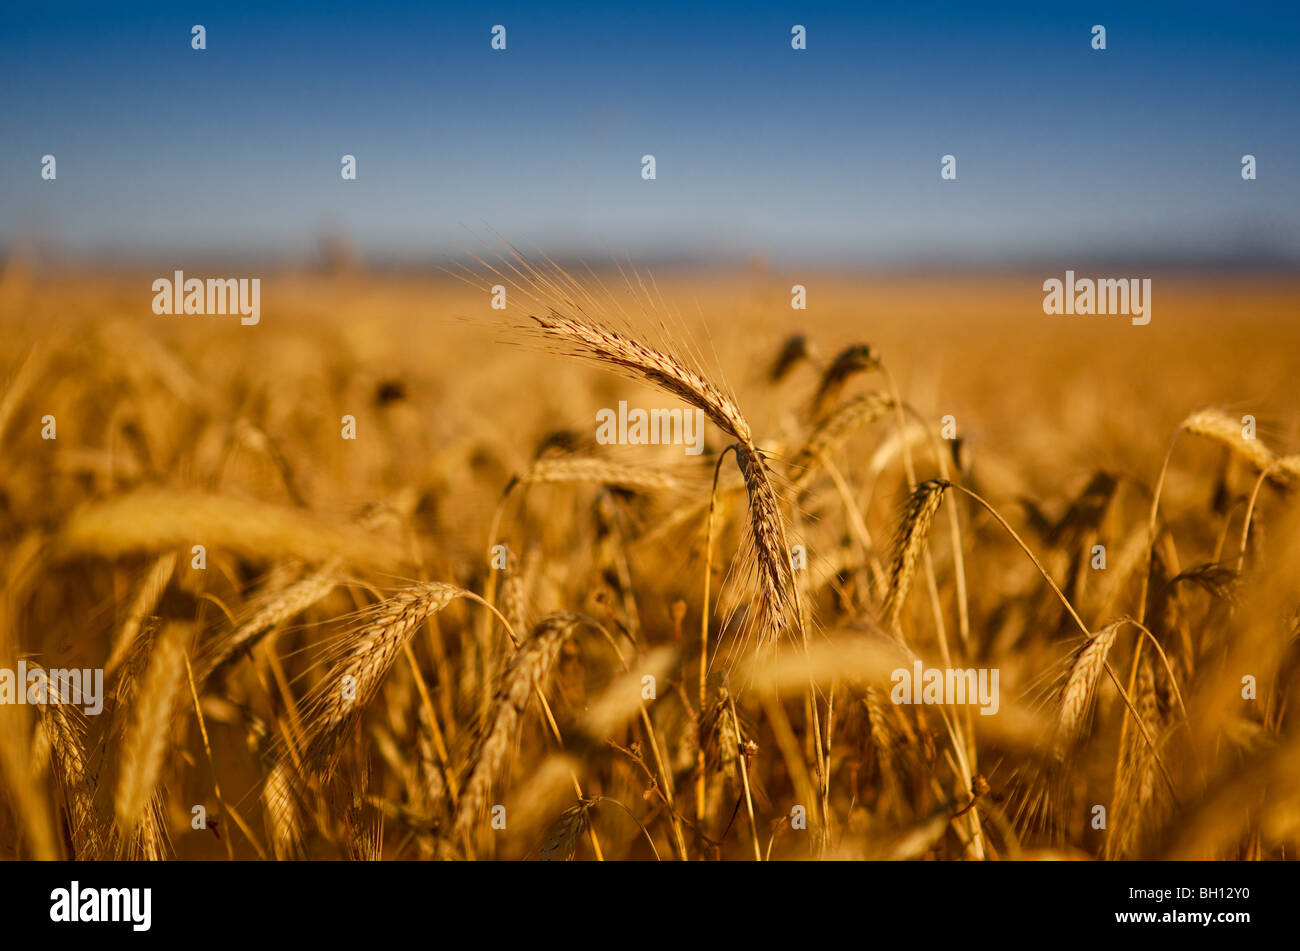 Belle image paysage d'un champ de blé Photo Stock